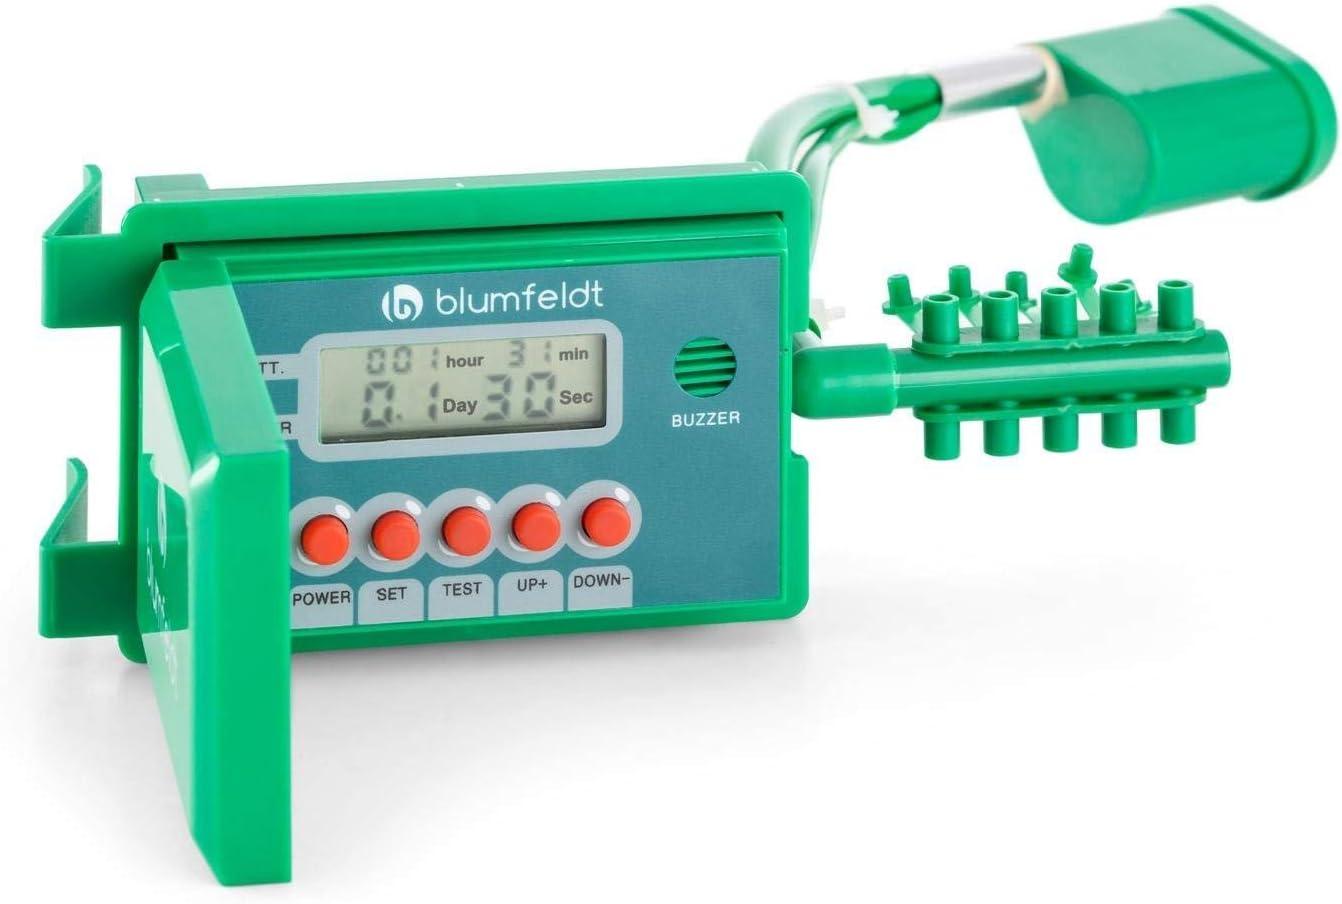 Blumfeldt Aquanova Sistema de riego autom/ático con Bomba de Agua Manguera Recortable de 10 m, regado hasta 10 Plantas, sin Grifo, programable Vacaciones, Display LCD manejo Sencillo